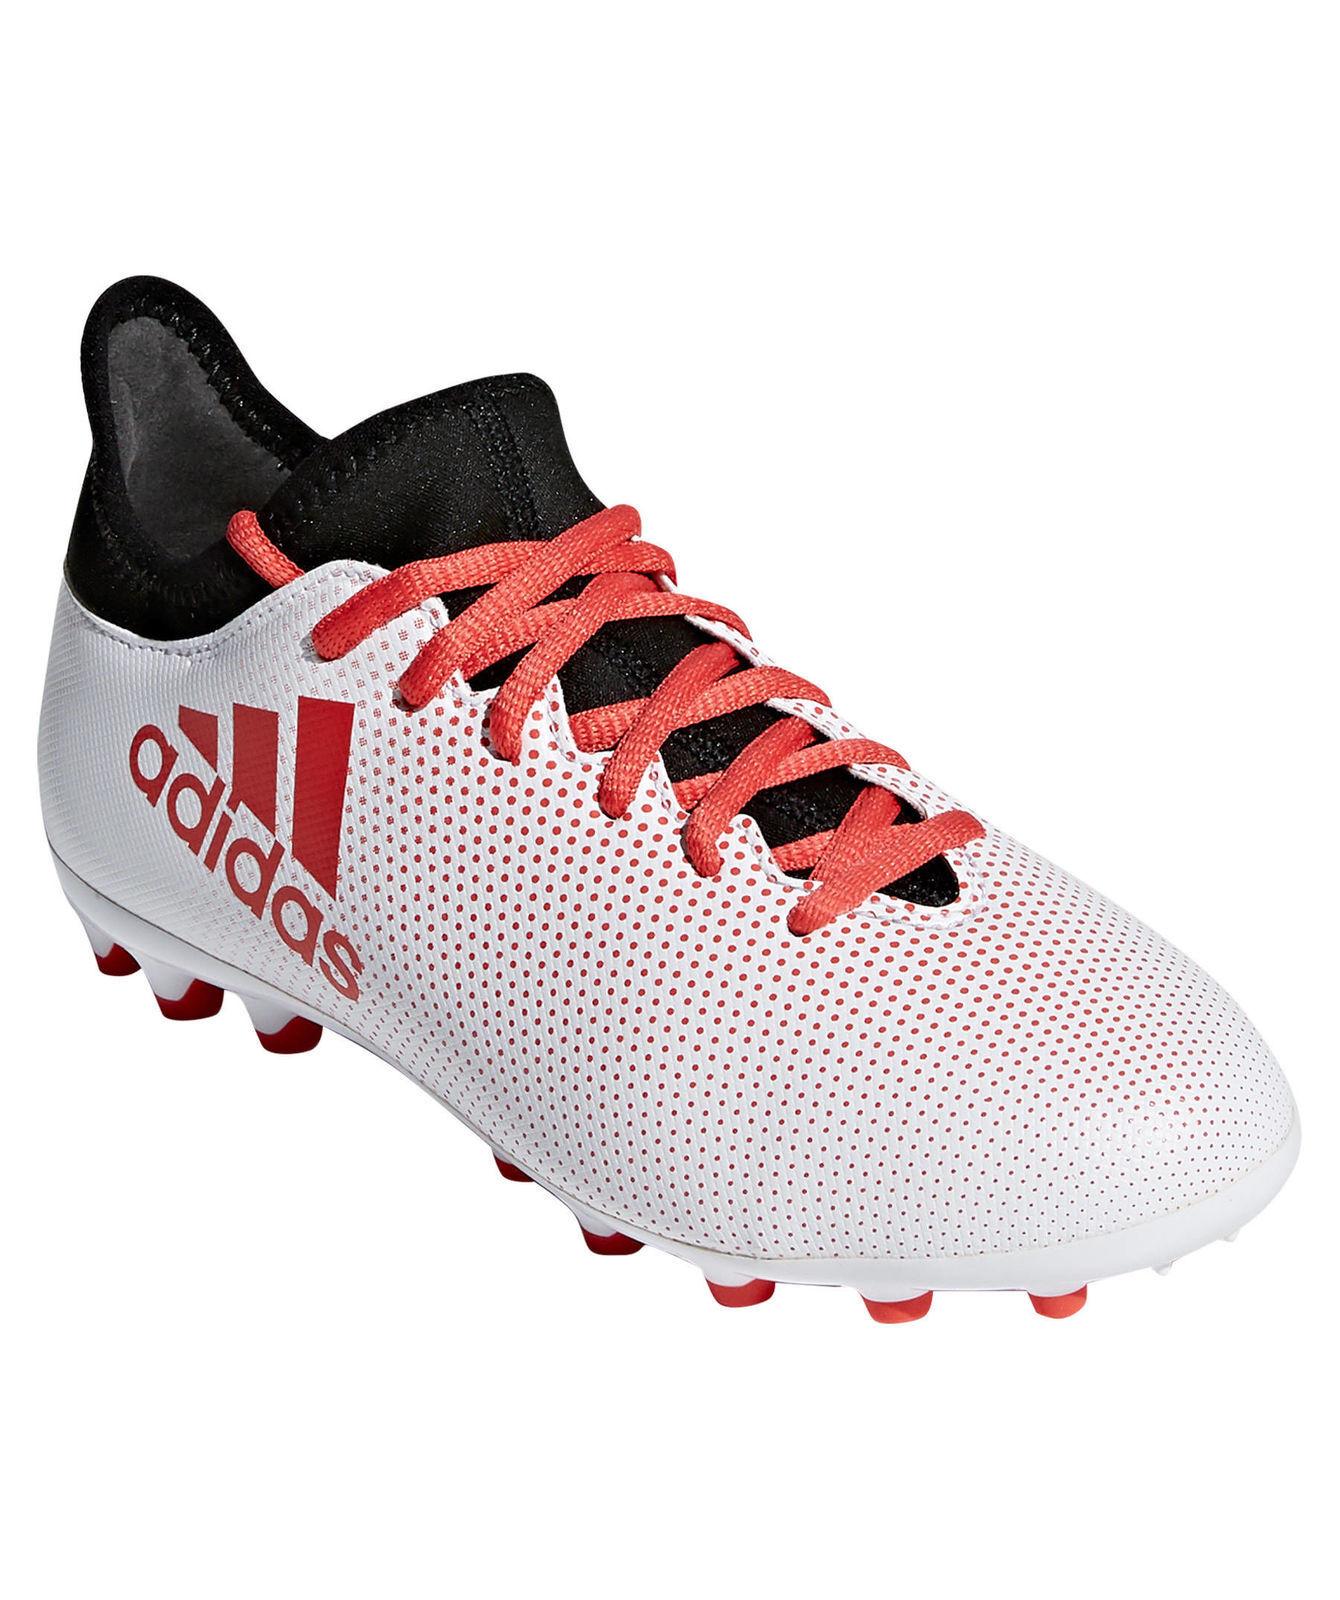 Adidas x 17.3 AG suela señores Soquí cp9234